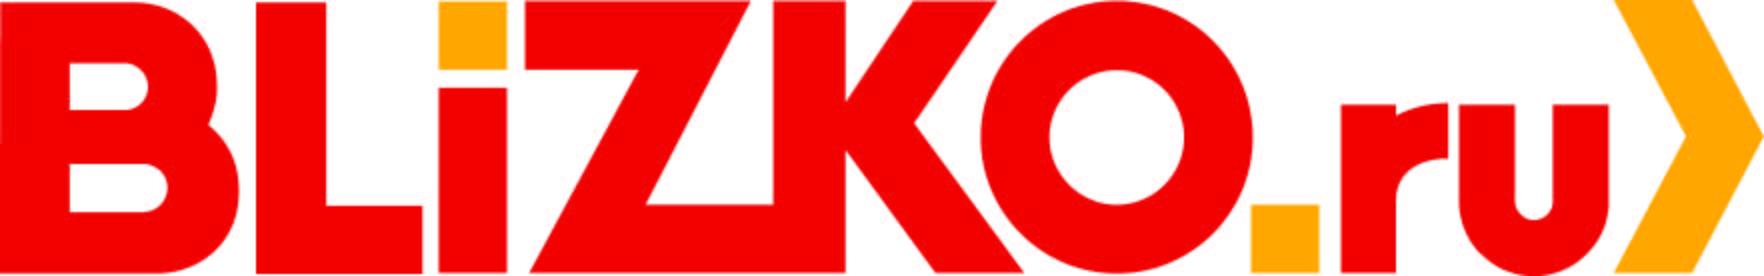 городской портал для покупок, интернет-справочник №1 в России – BLIZKO.ru.